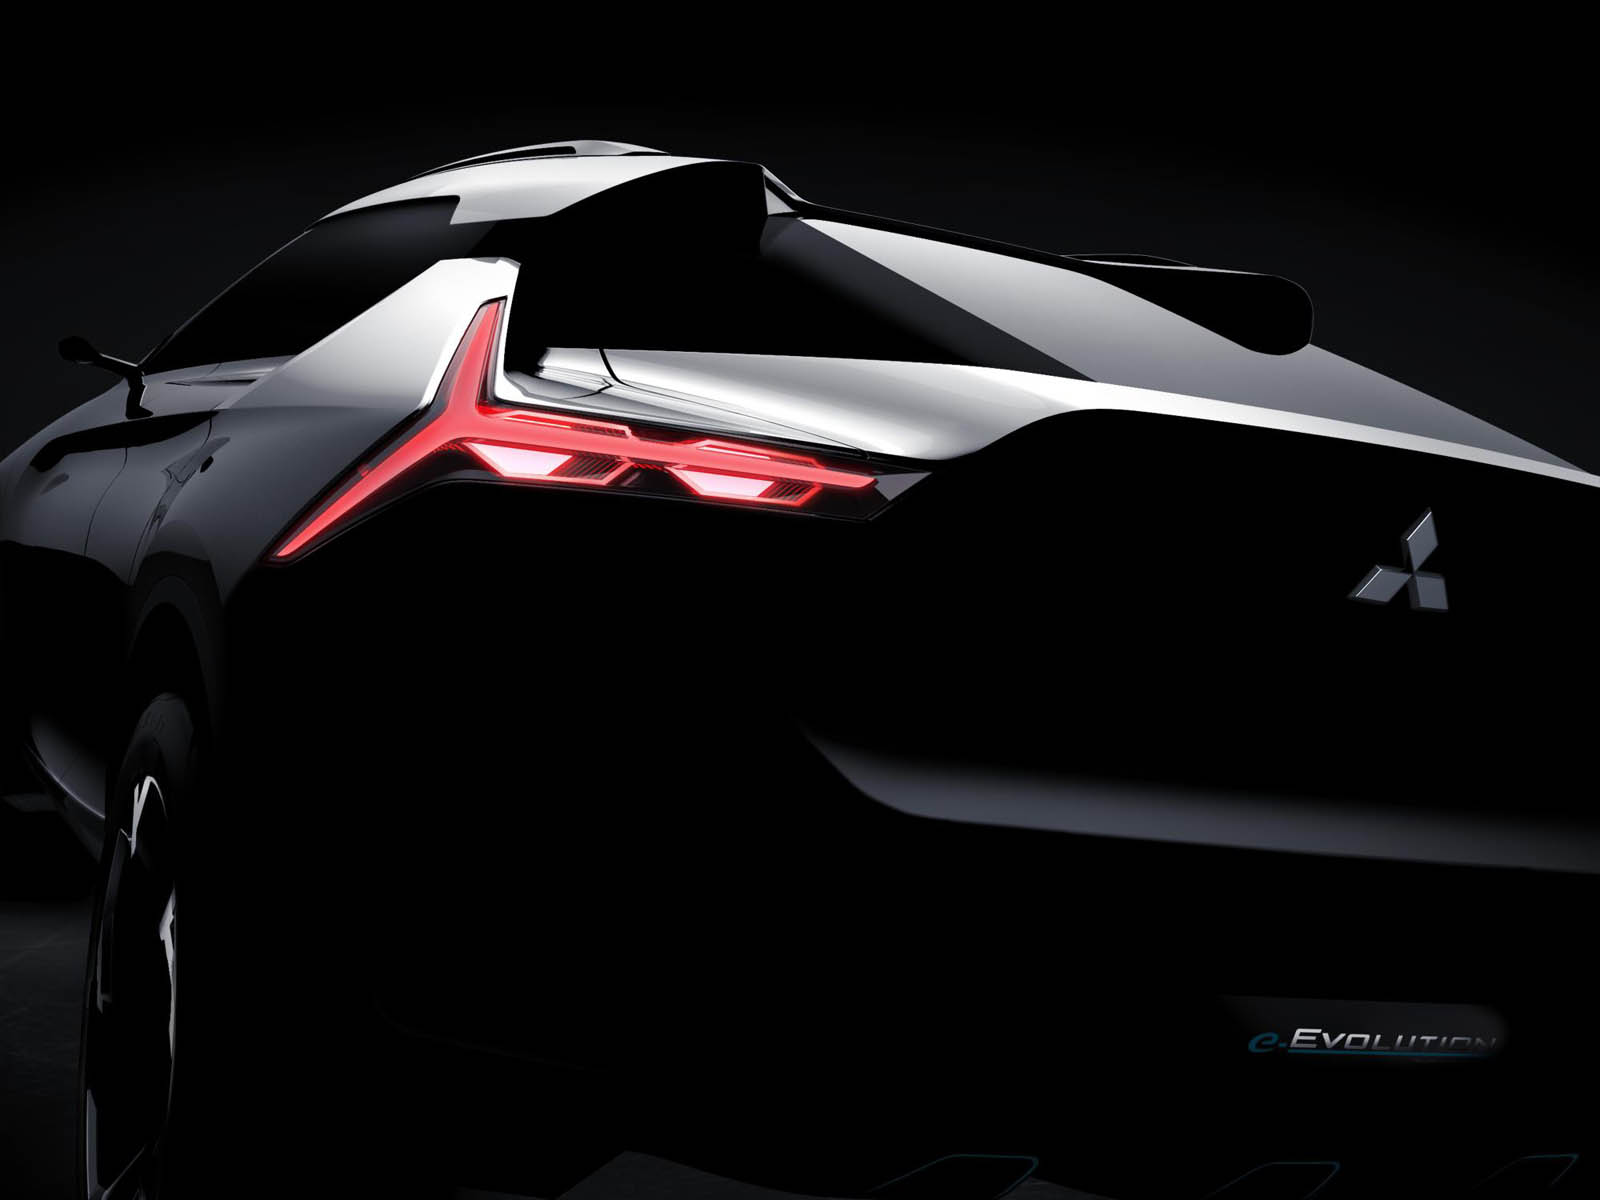 Митсубиши представит вТокио концептуальный автомобиль e-Evolution